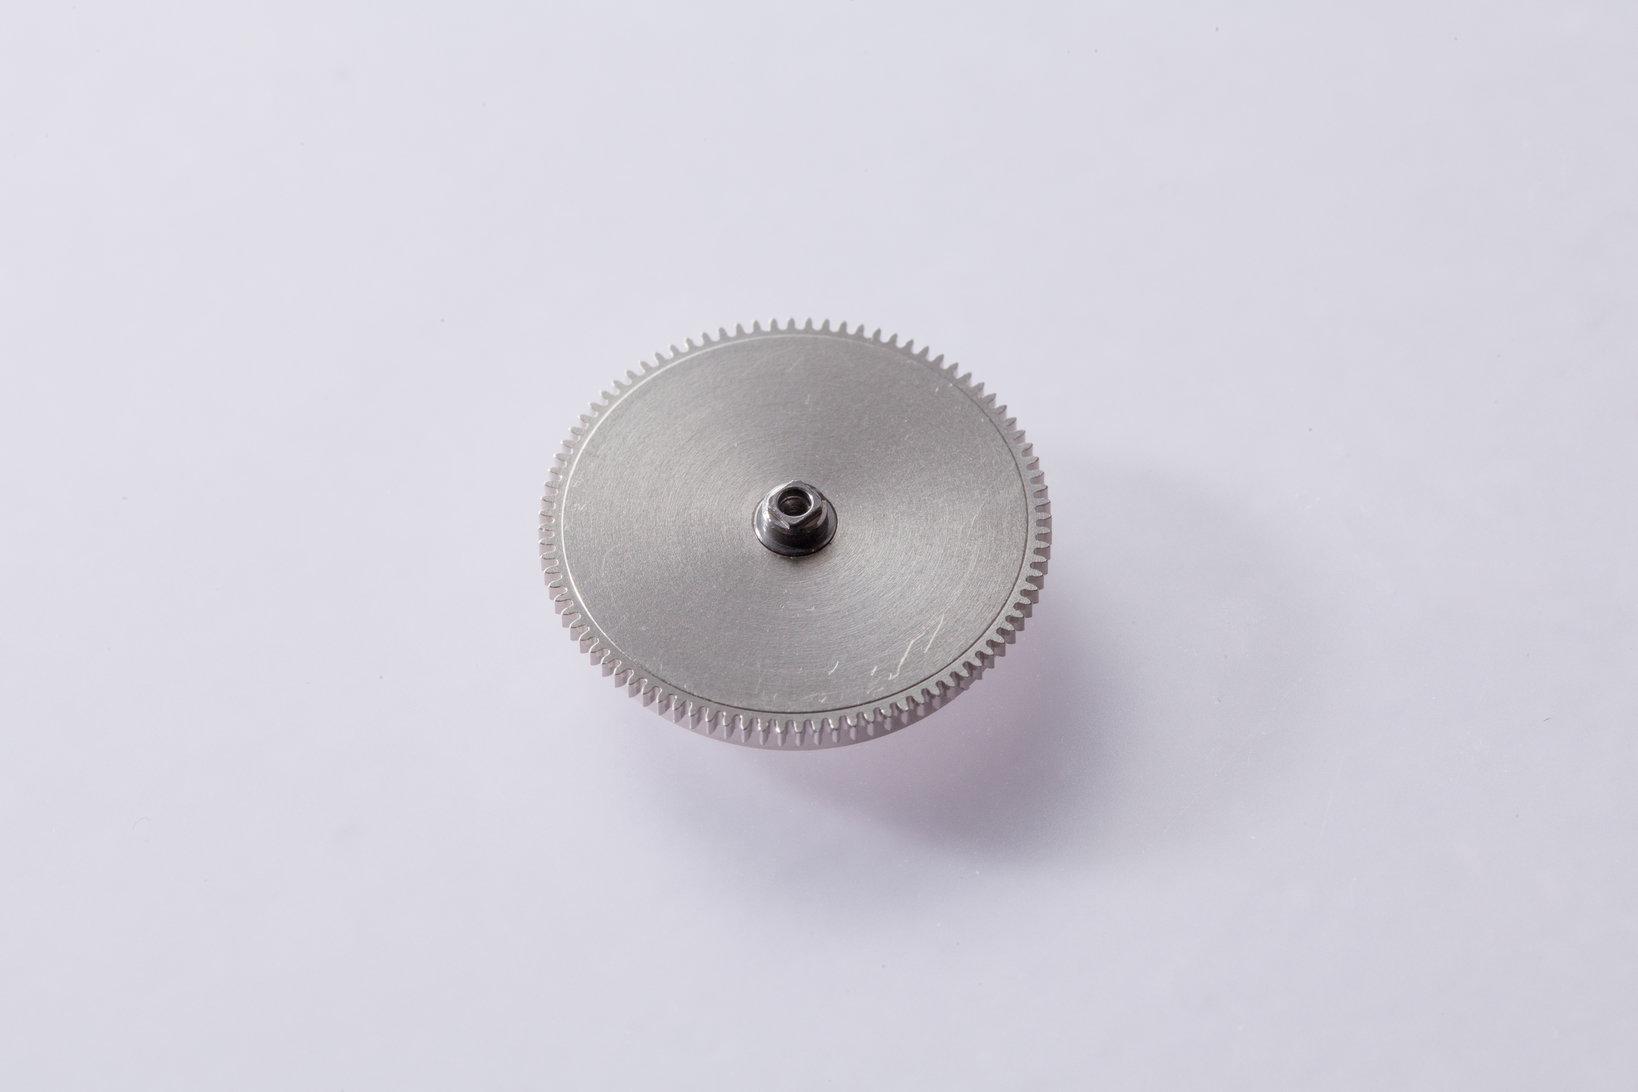 機械式時計の動力源となるゼンマイが入っている香箱。リューズや自動巻のローターによって中のゼンマイが巻きあげられることで時計が動く。